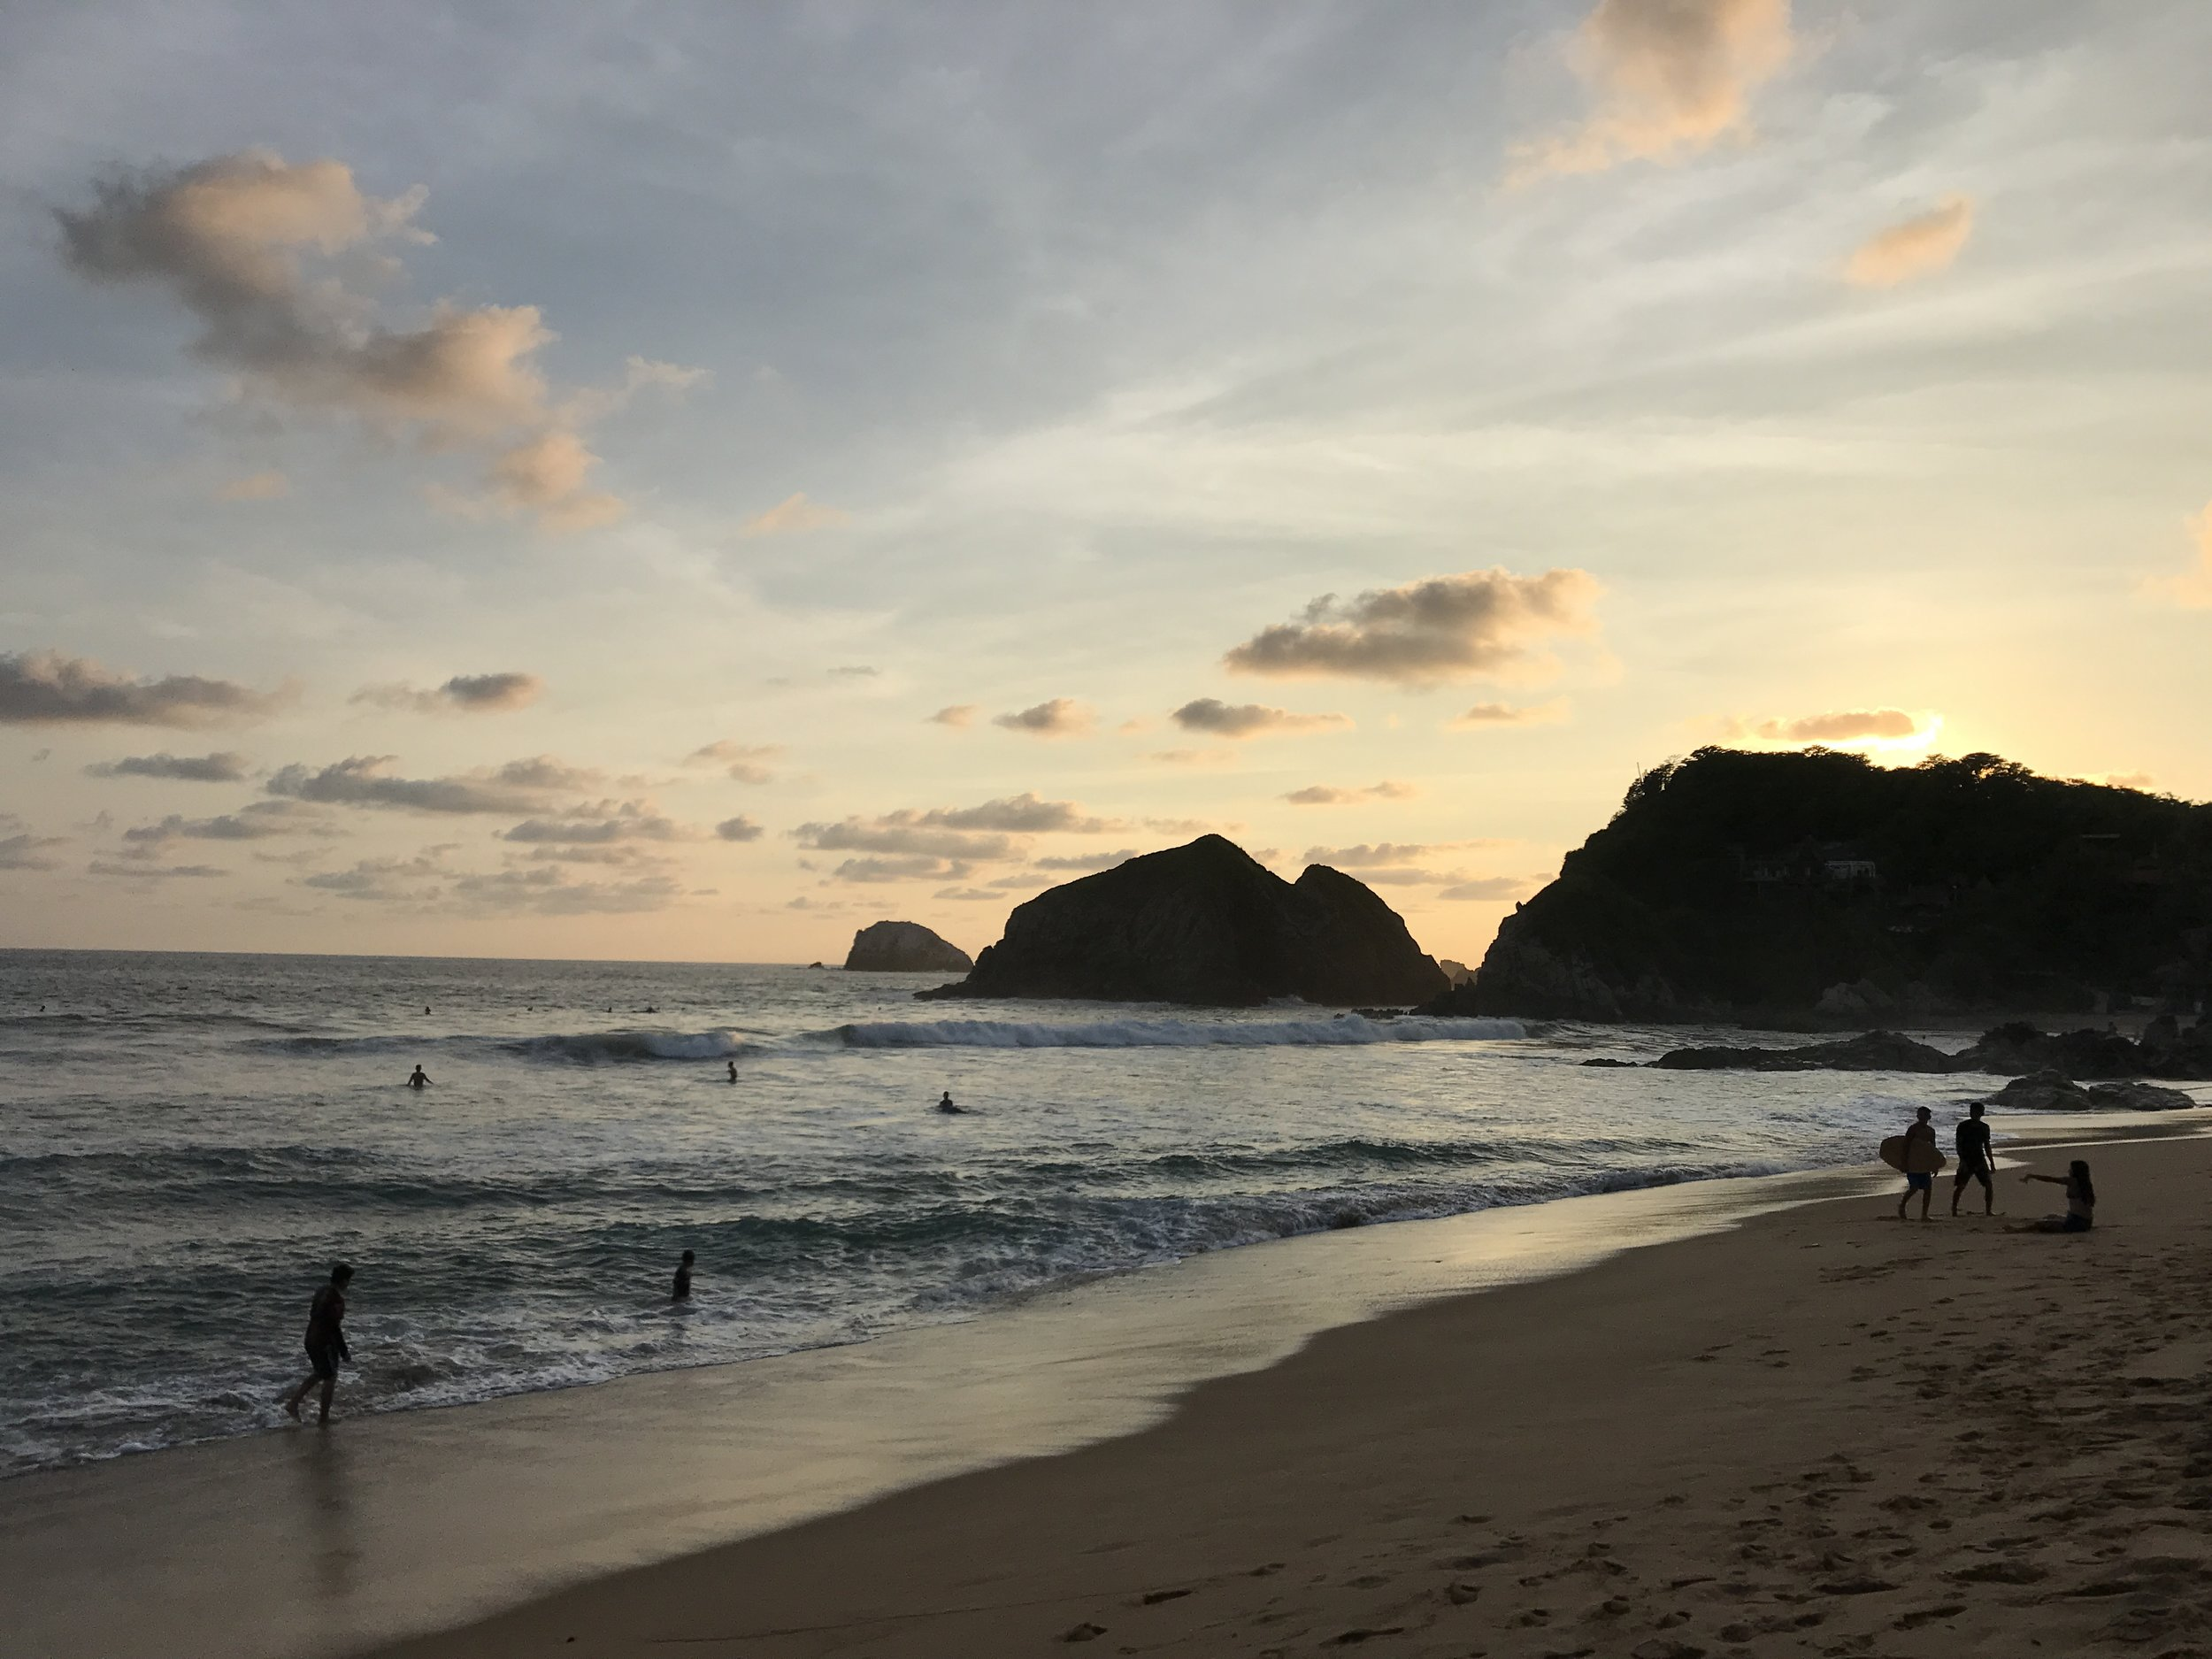 Playa Zipolite at Sunset